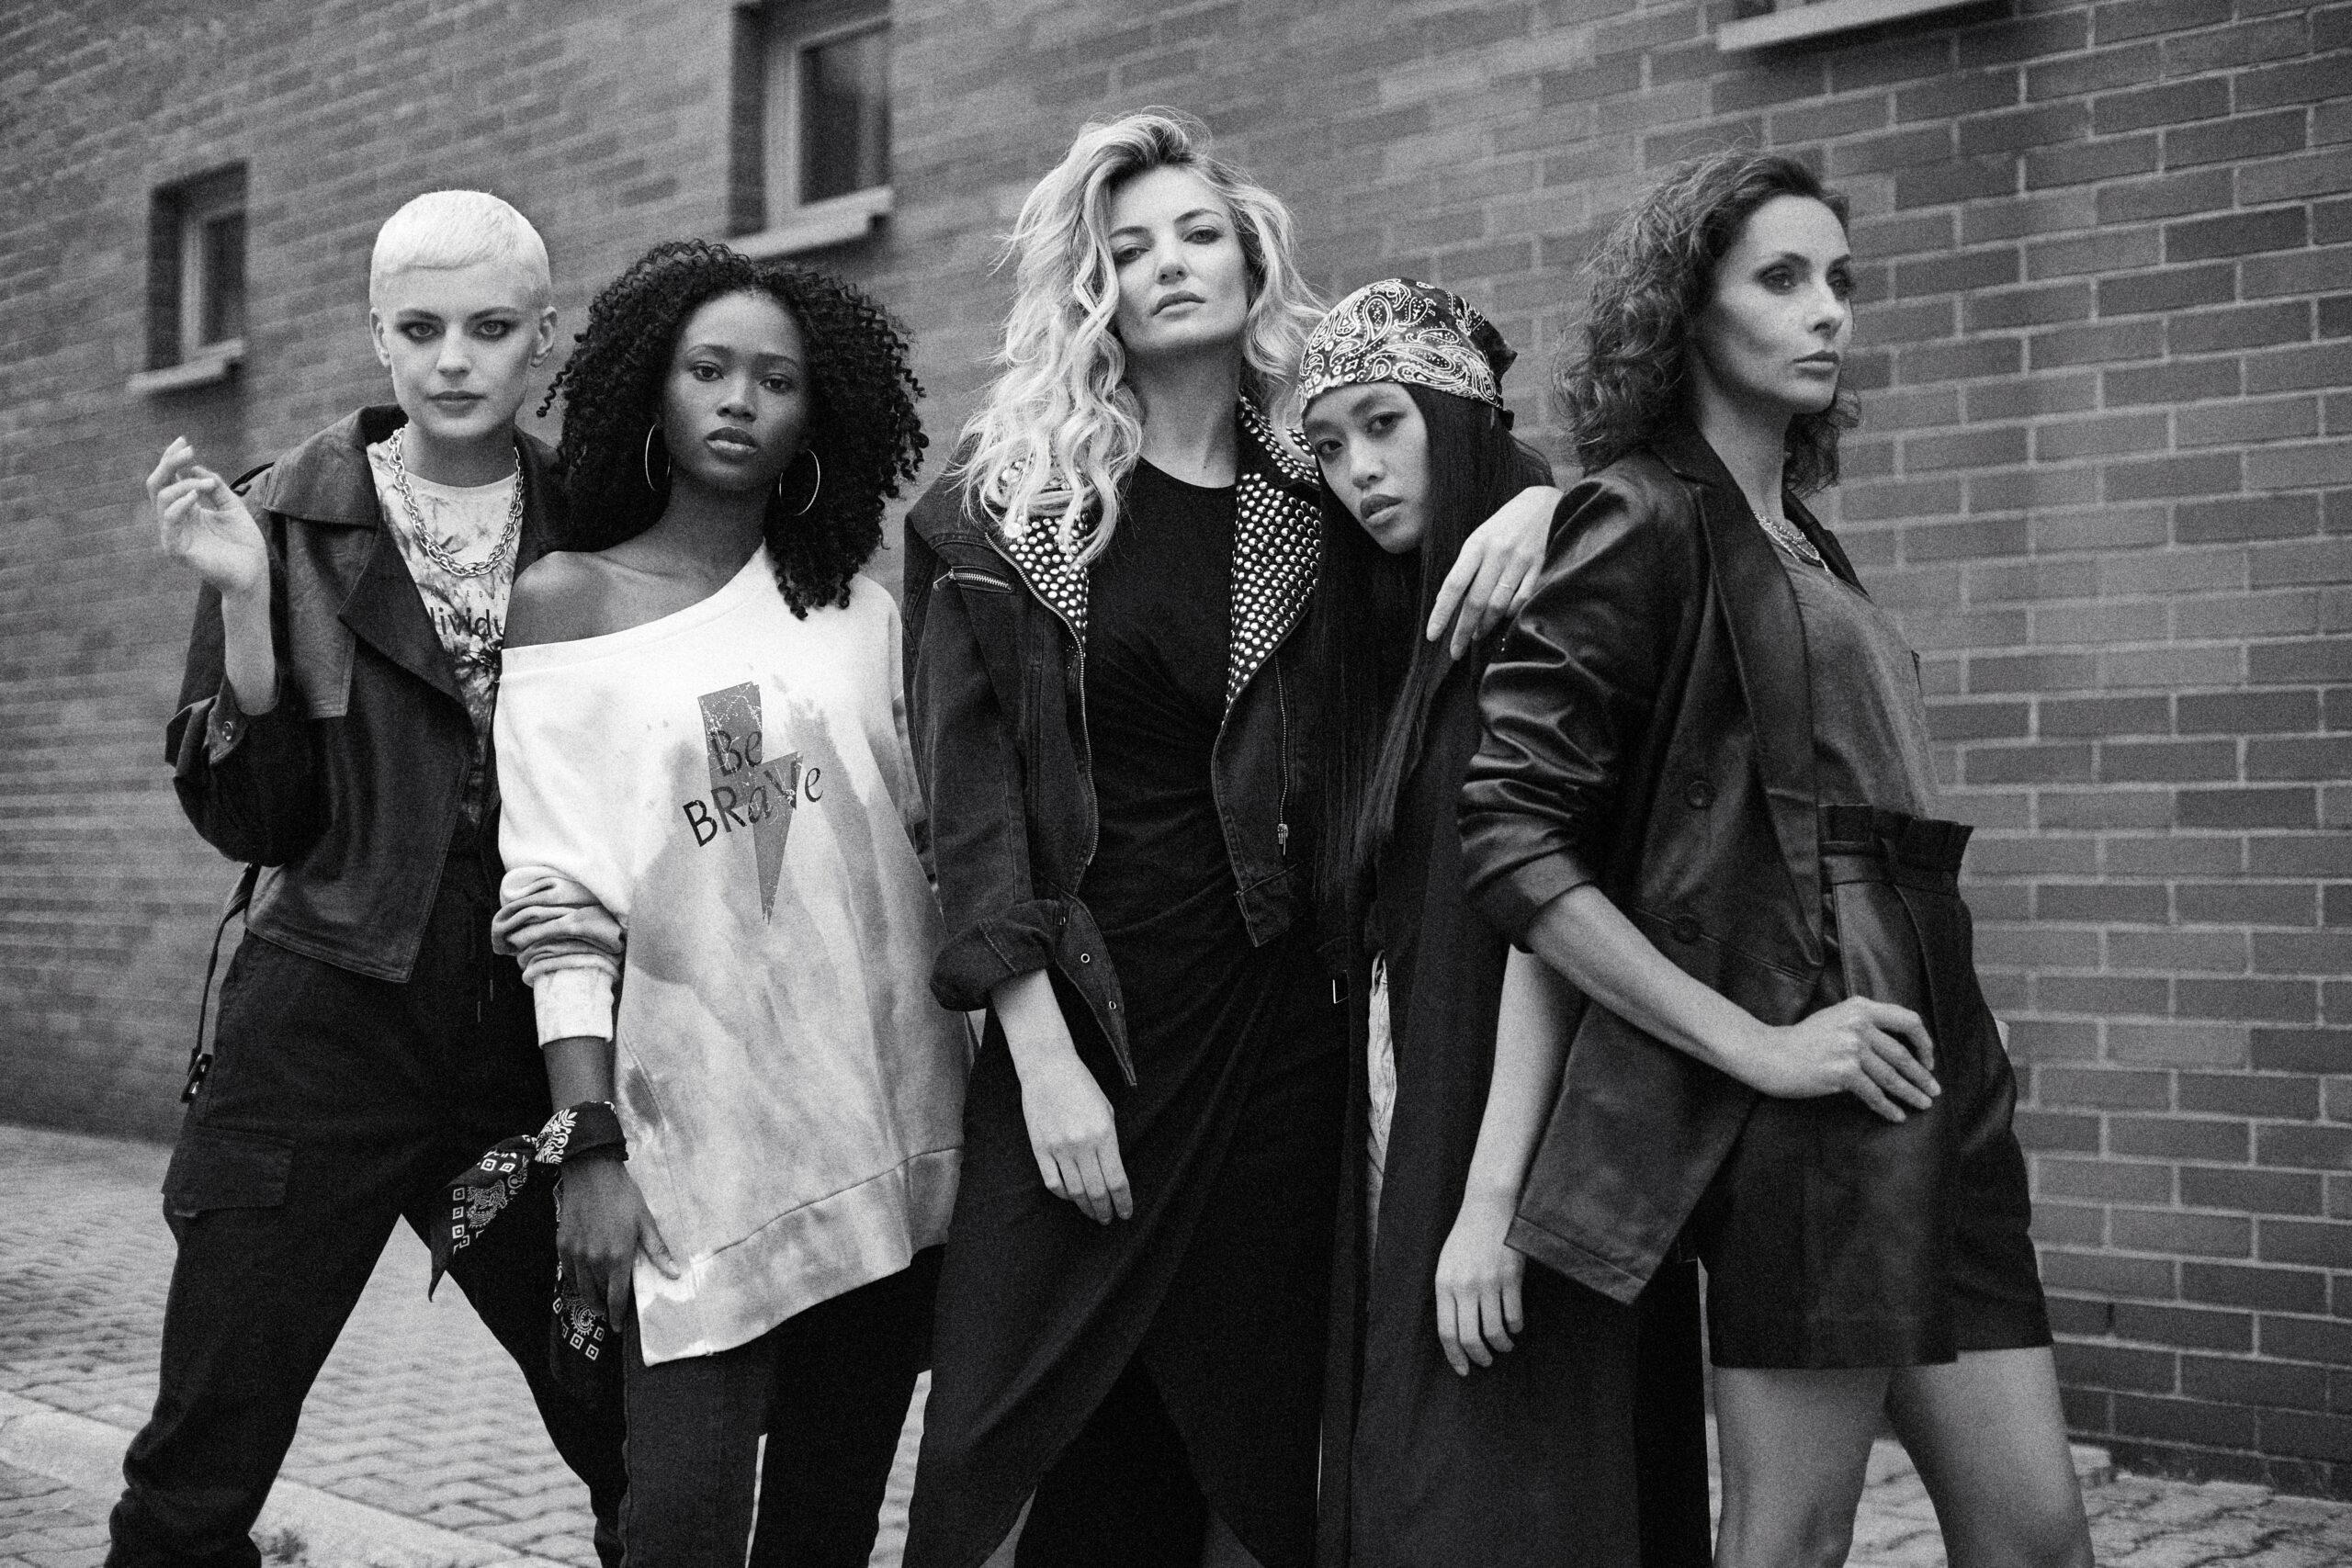 Moda Damska  Czas na Girl Power! Limitowana kolekcja marki answear.LAB